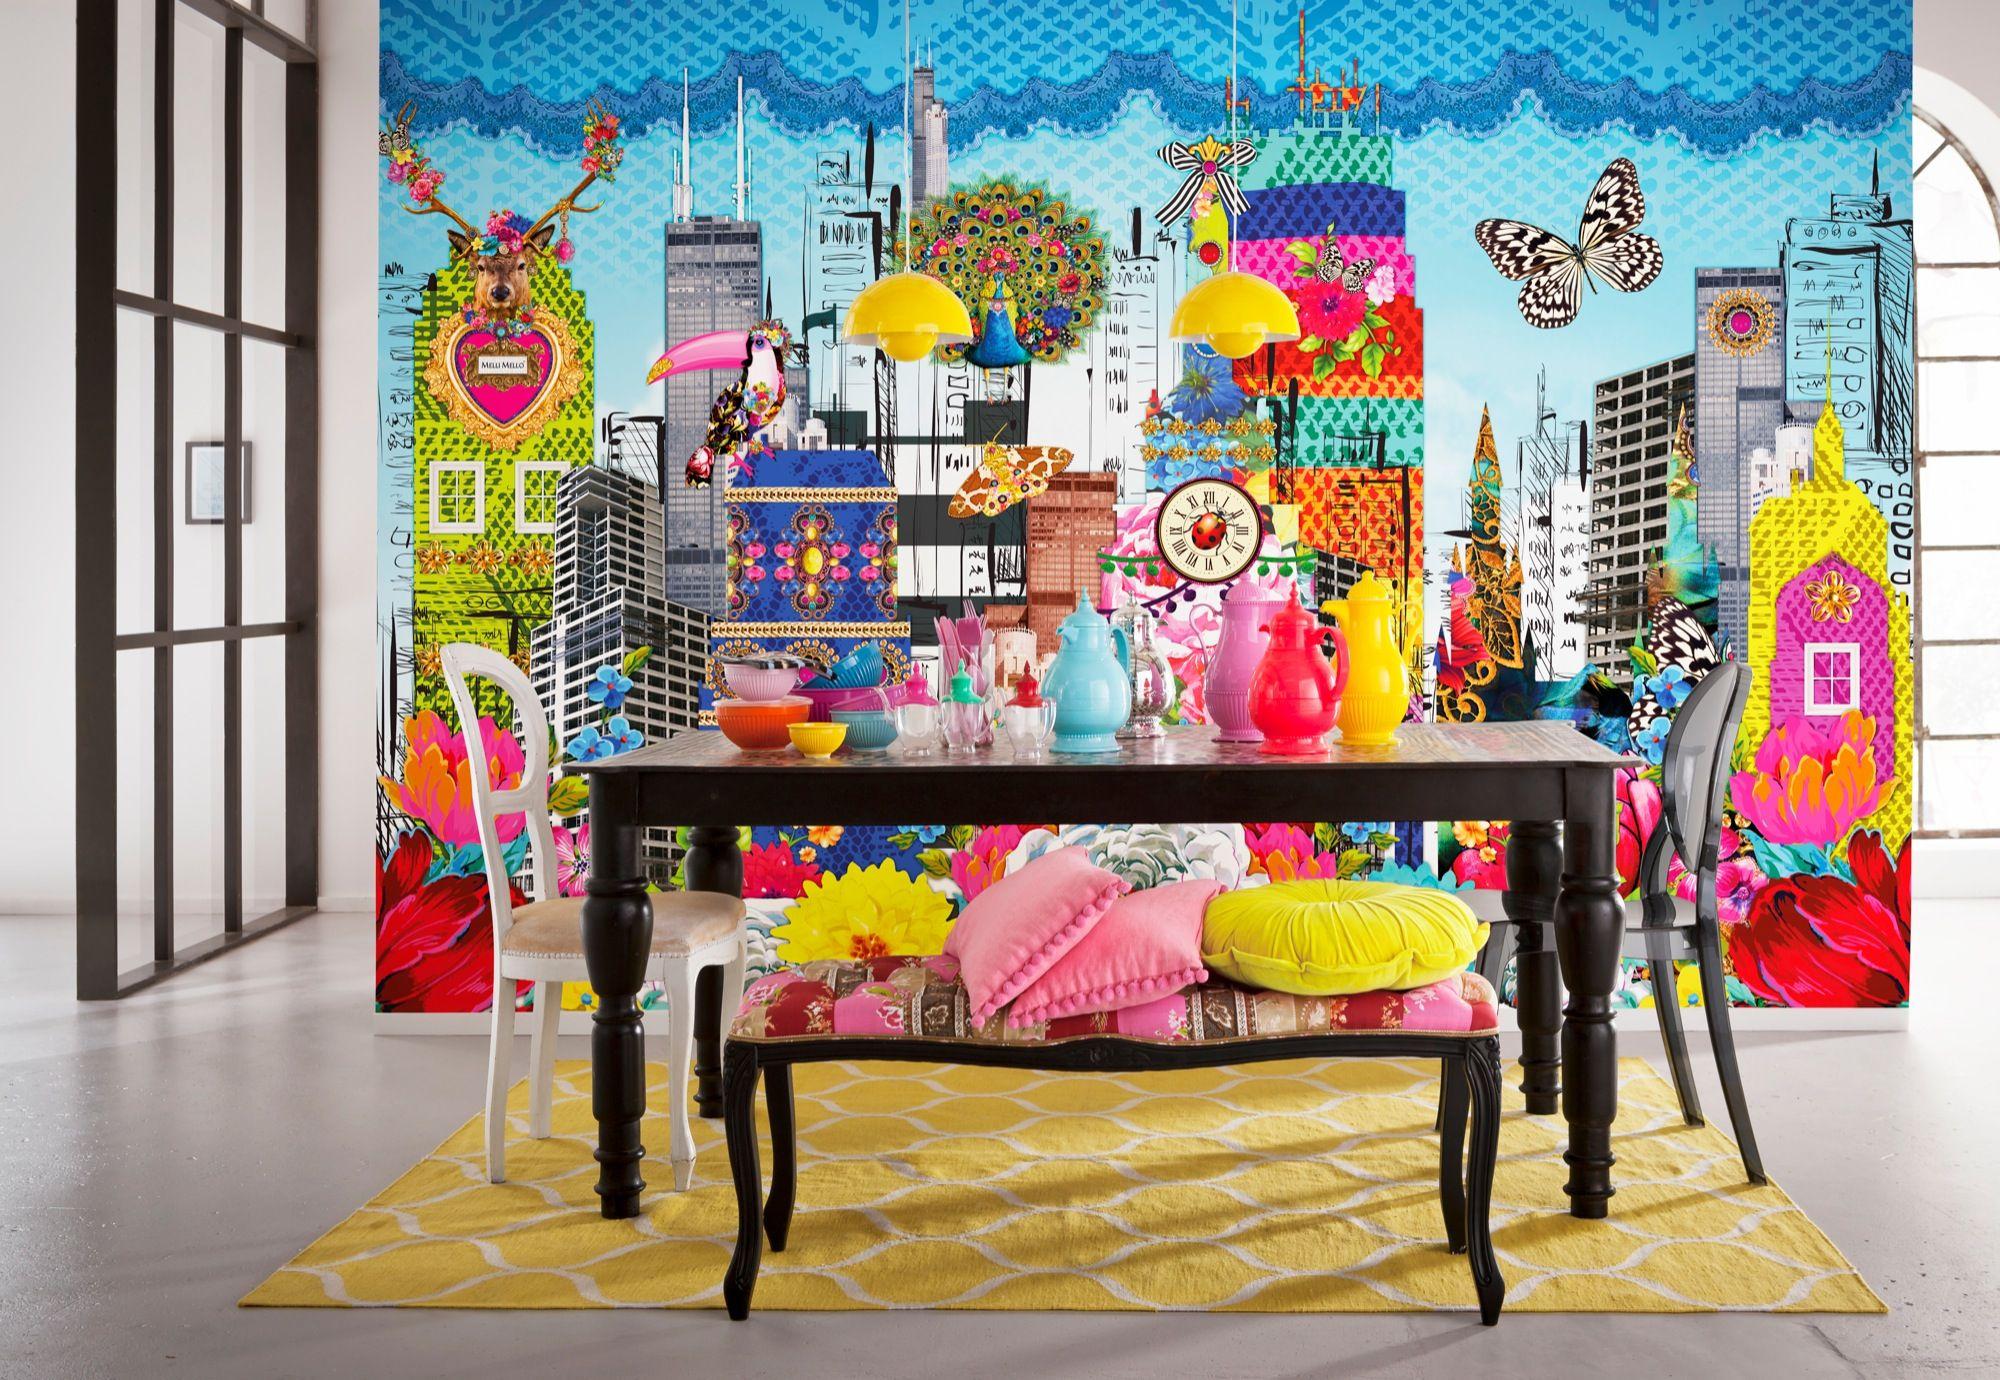 af720936fb75d1b9afbe0bc0d91e8279 Luxe De Decoration Terrasse Exterieur Concept